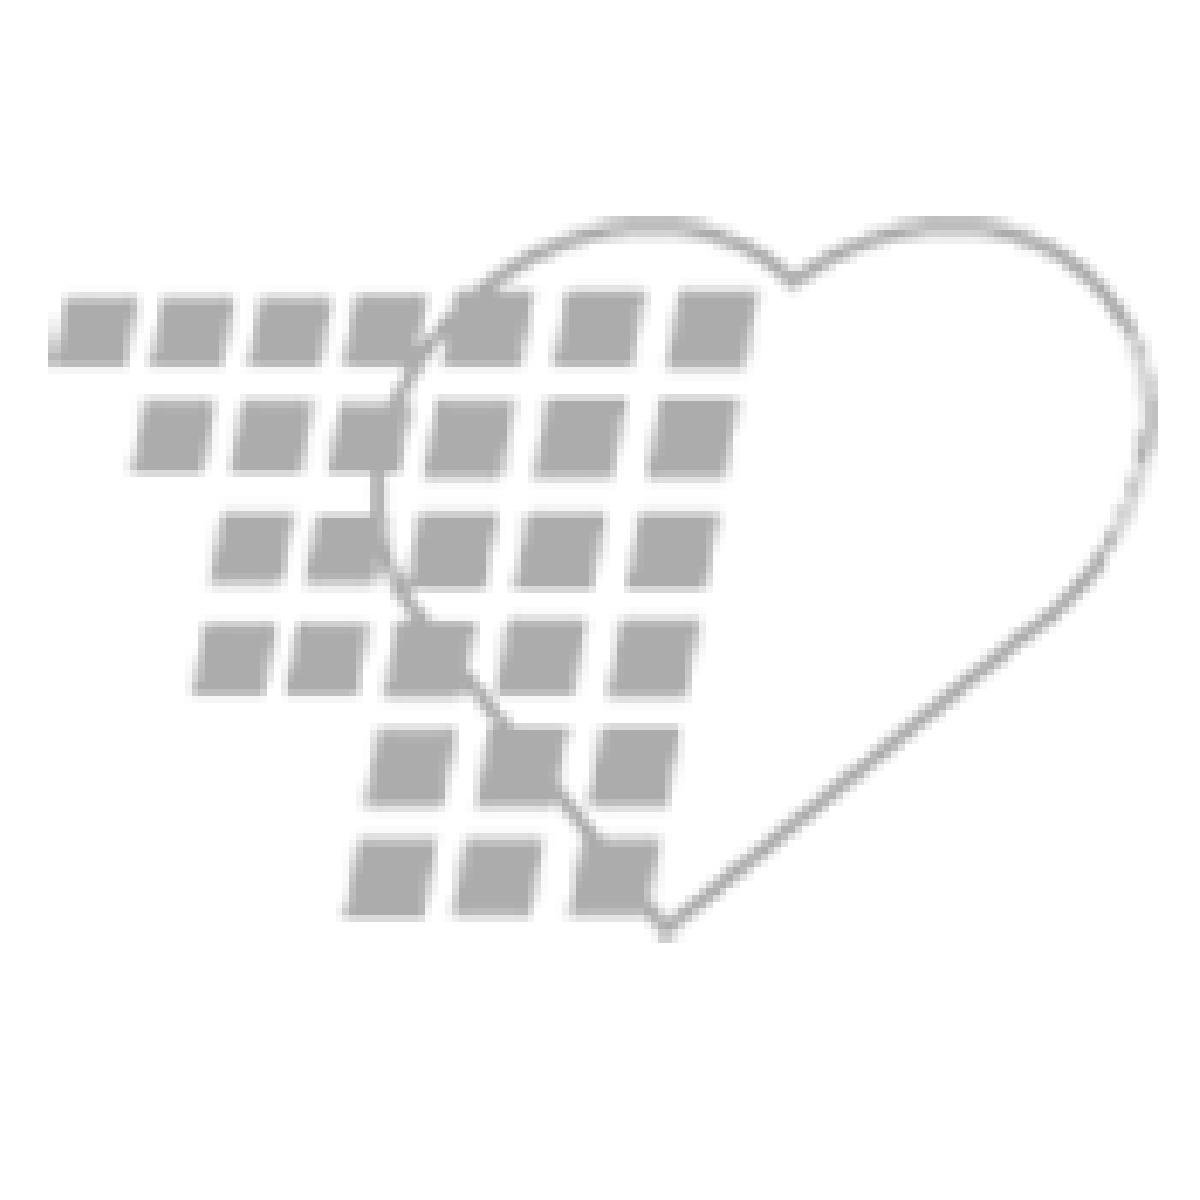 05-44-7010 - Laerdal Pedi-Pad Backboard Pad